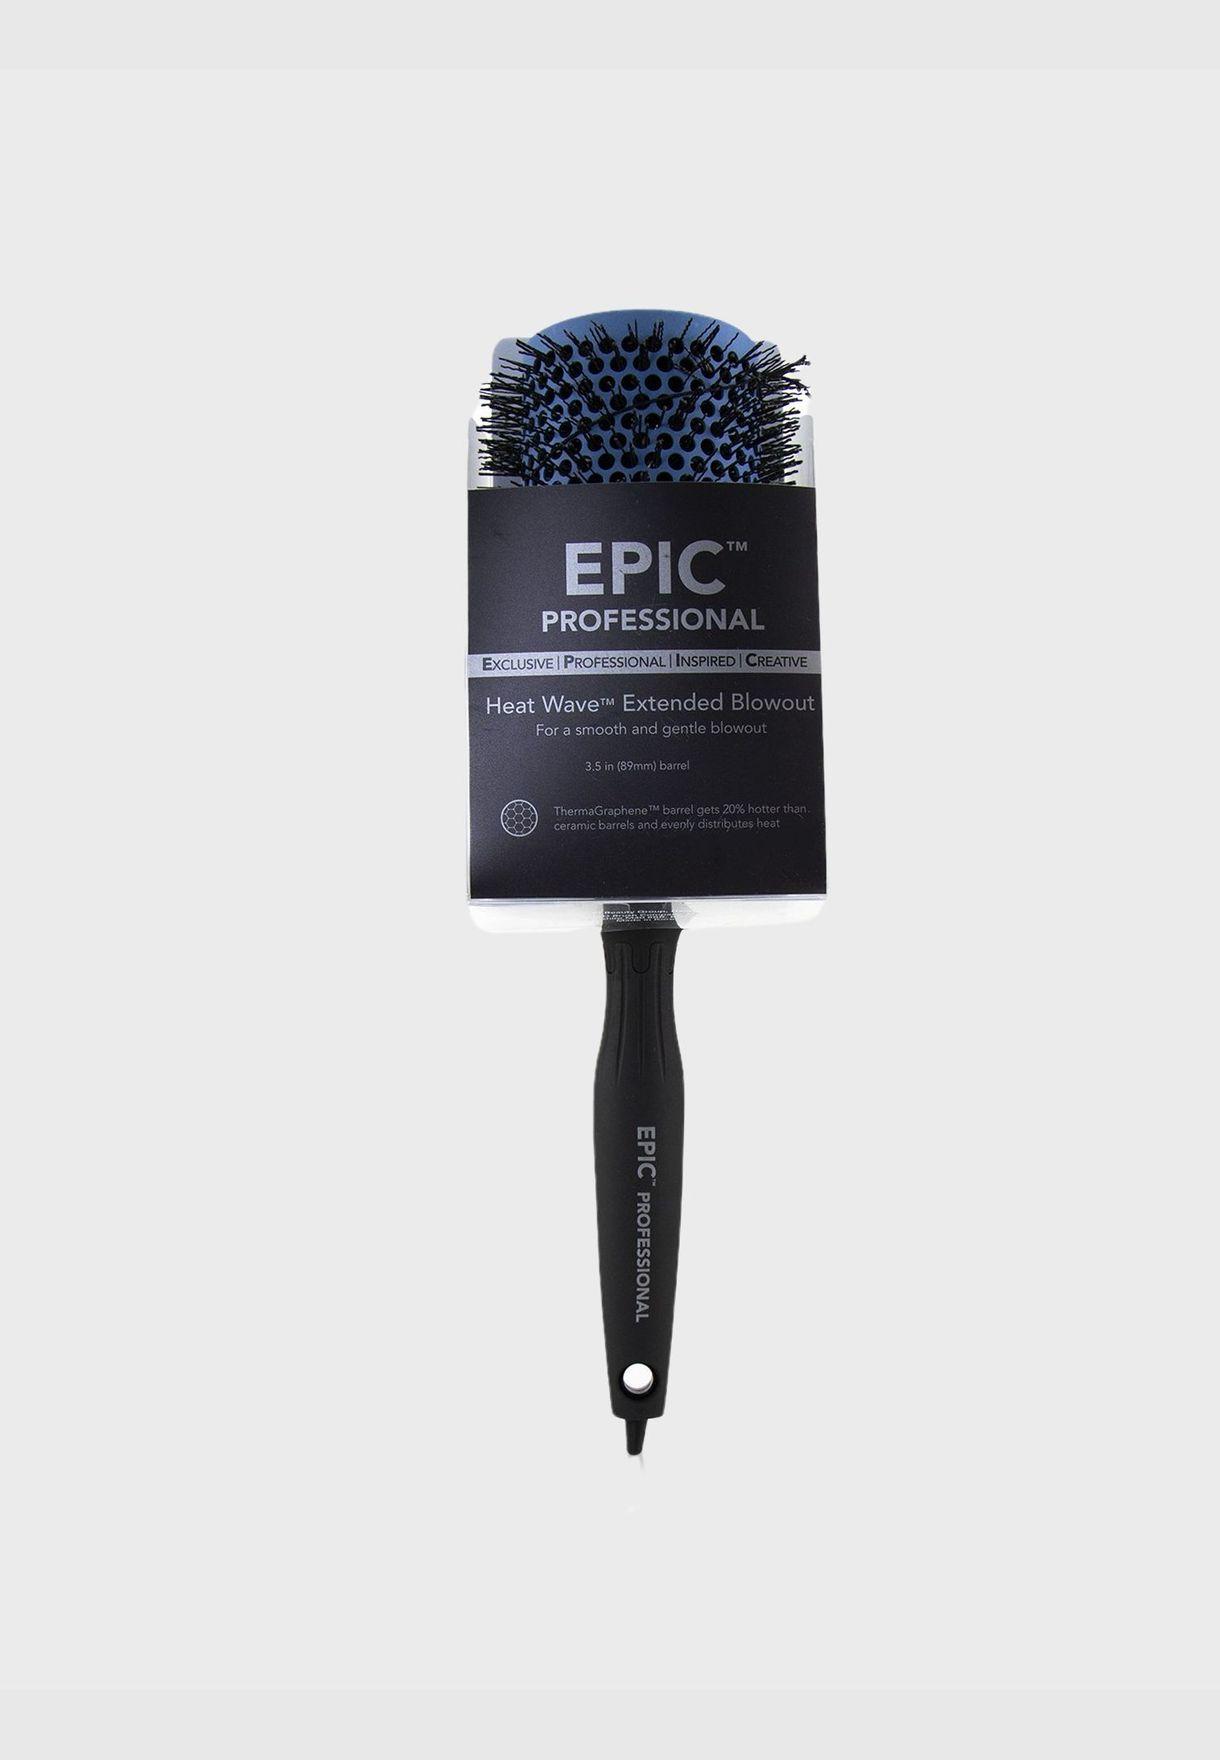 فرشاة مستديرة لتجفيف الشعر Pro Epic ThermaGraphene - # 3.5 كبيرة